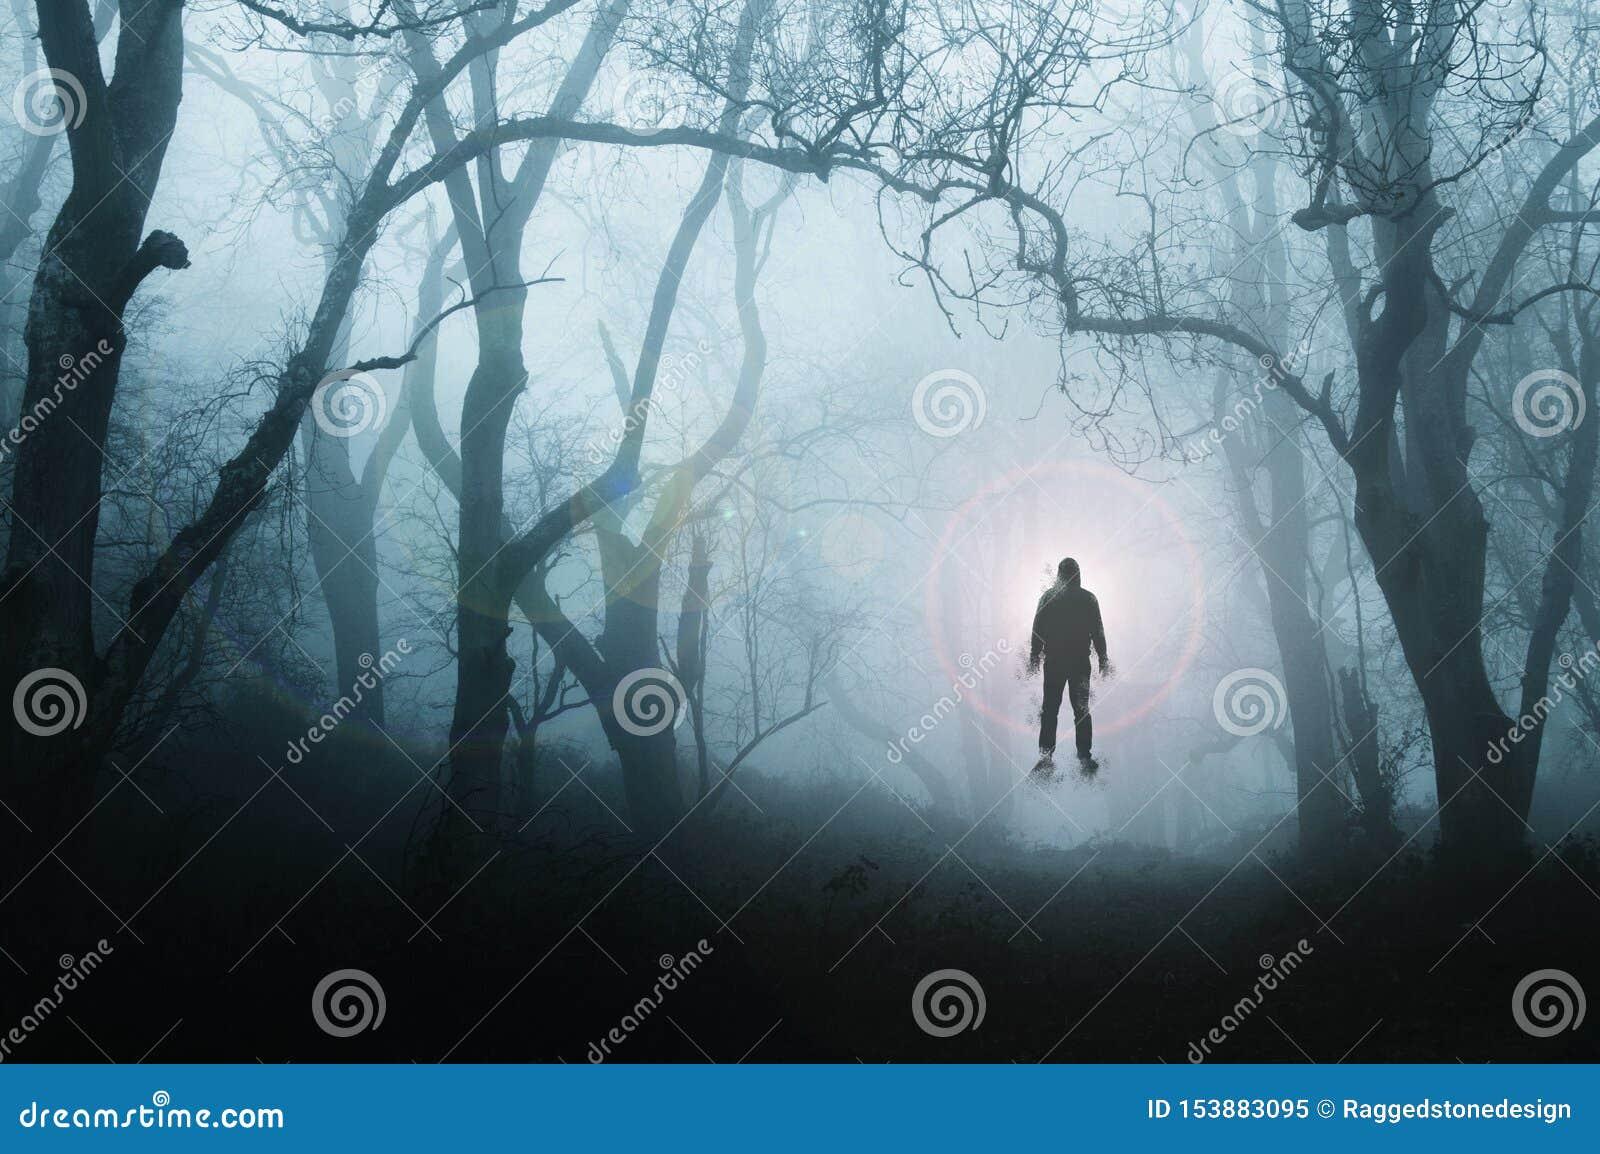 Пугающий, жуткий лес в зиме, с человеком плавая против яркого света, с деревьями silhouetted туманом С приглушать, голубой